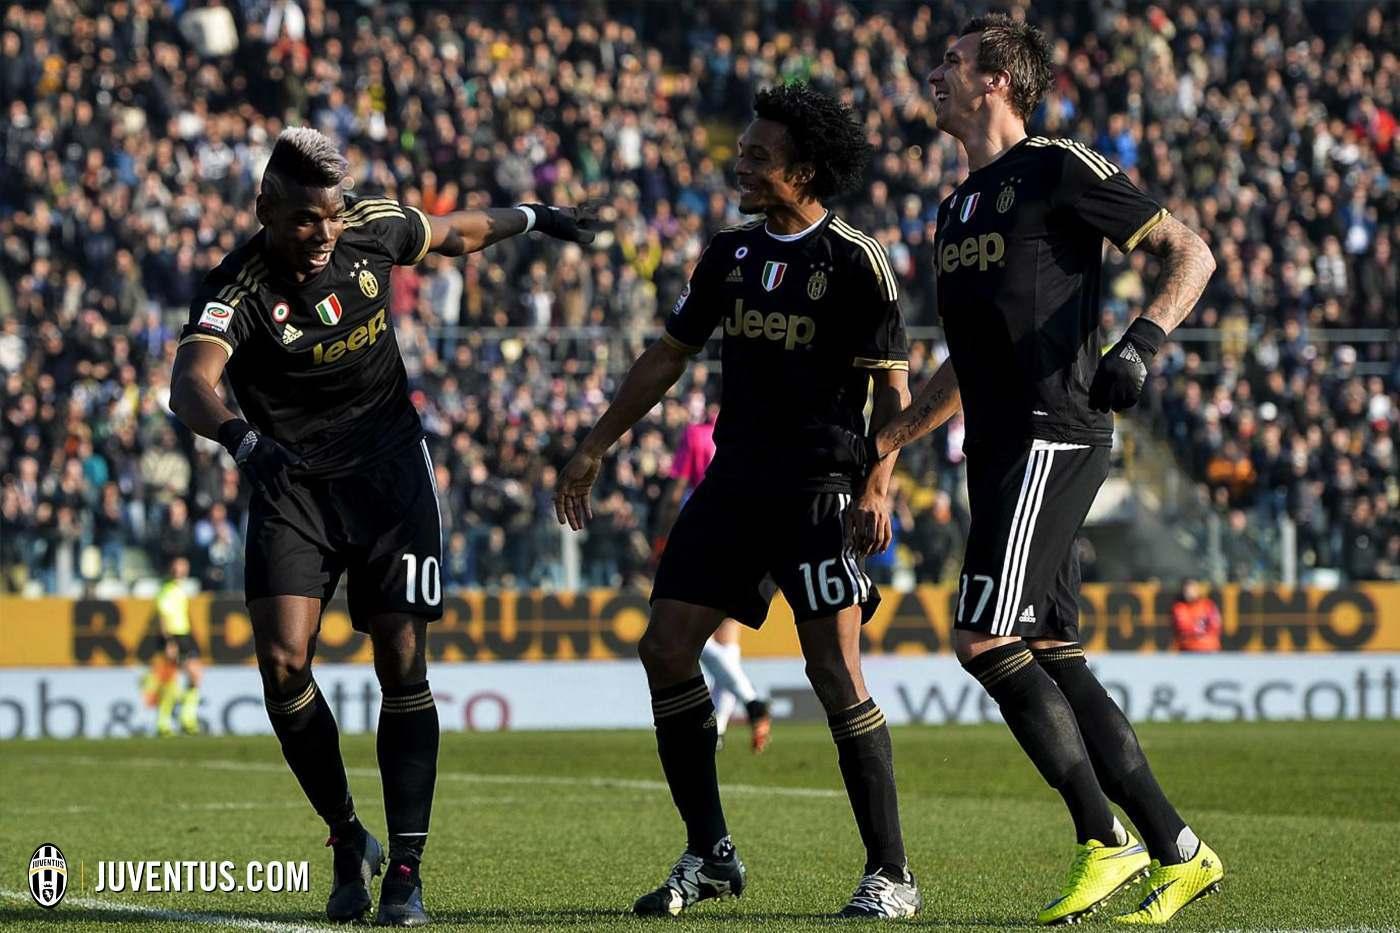 PREVIEW Serie A Italia Juventus - Carpi webet188